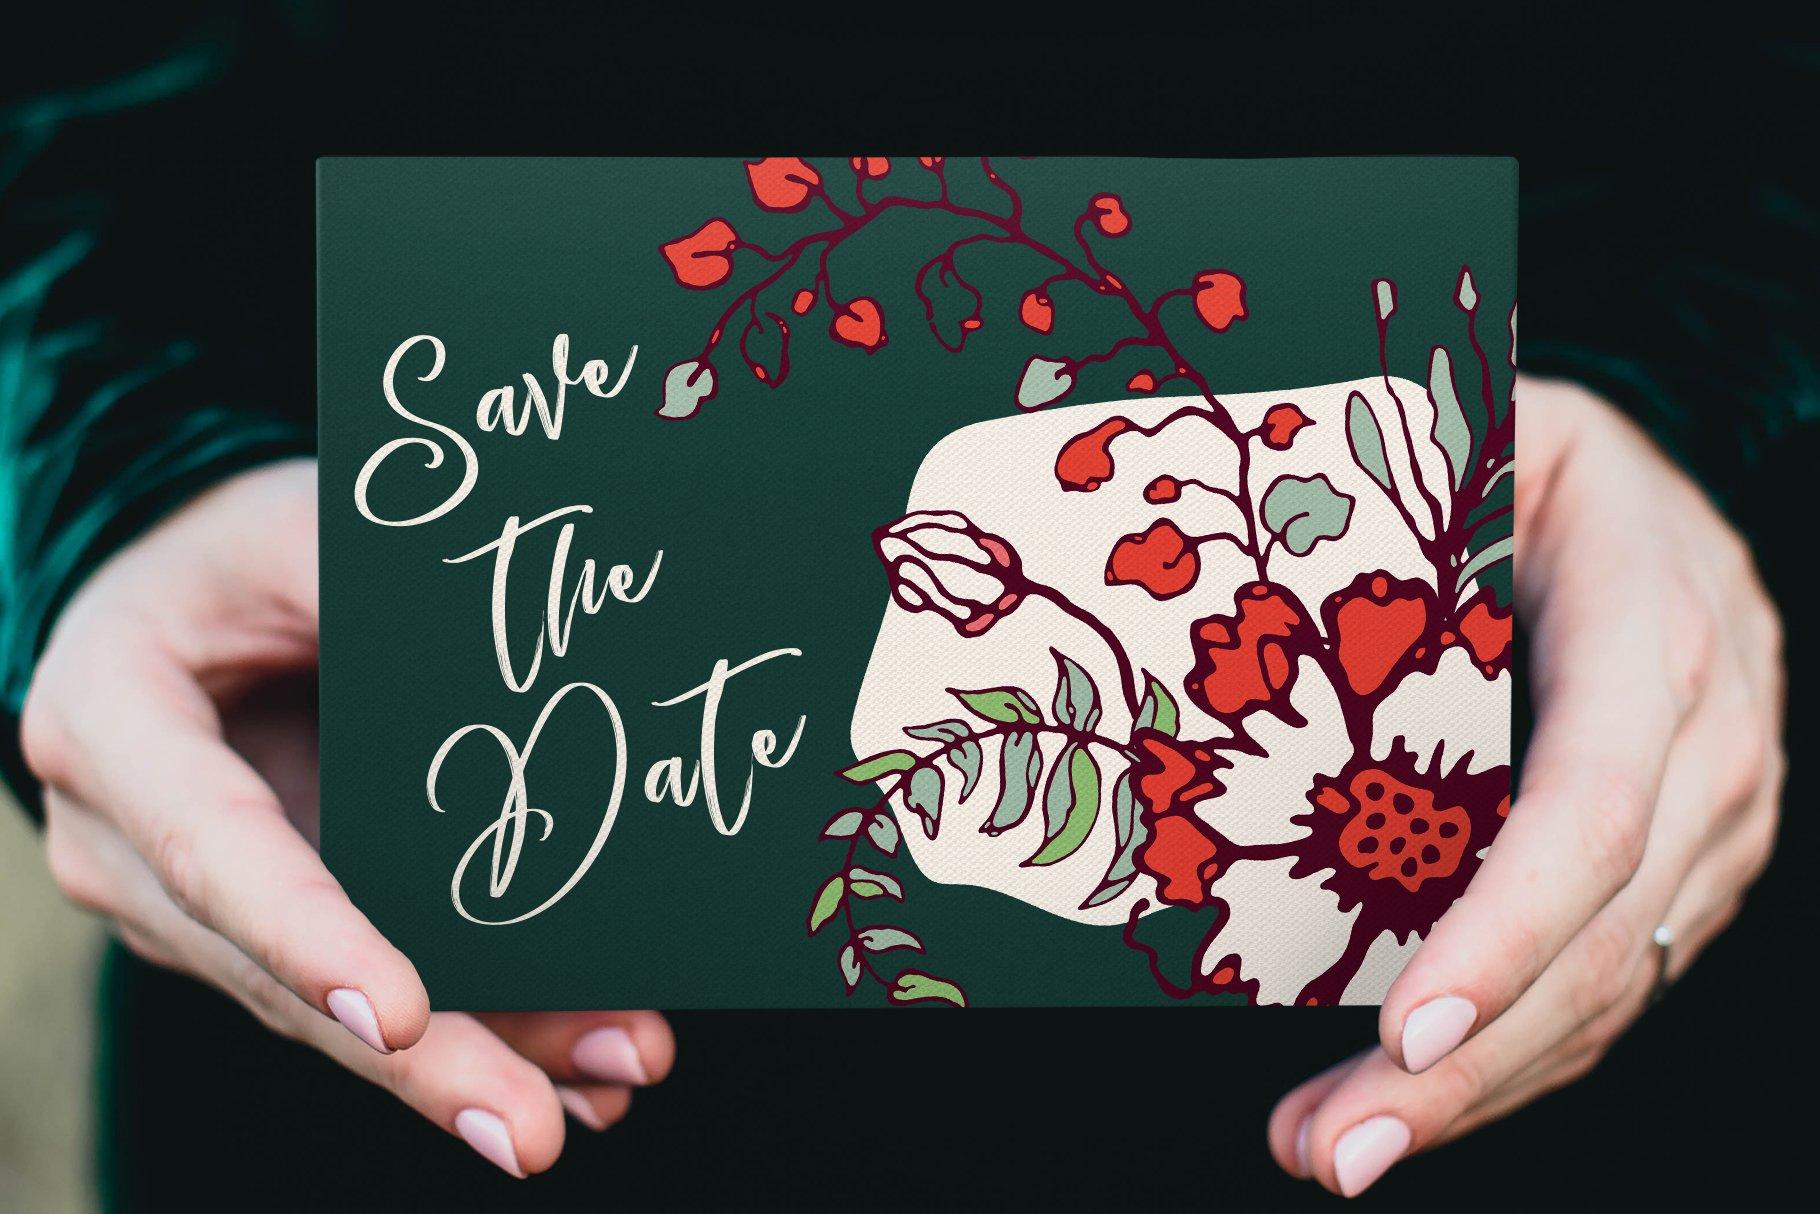 150多款时尚优雅花卉框架抽象形状手绘插画设计素材 Winter Floral Patterns & Elements插图8